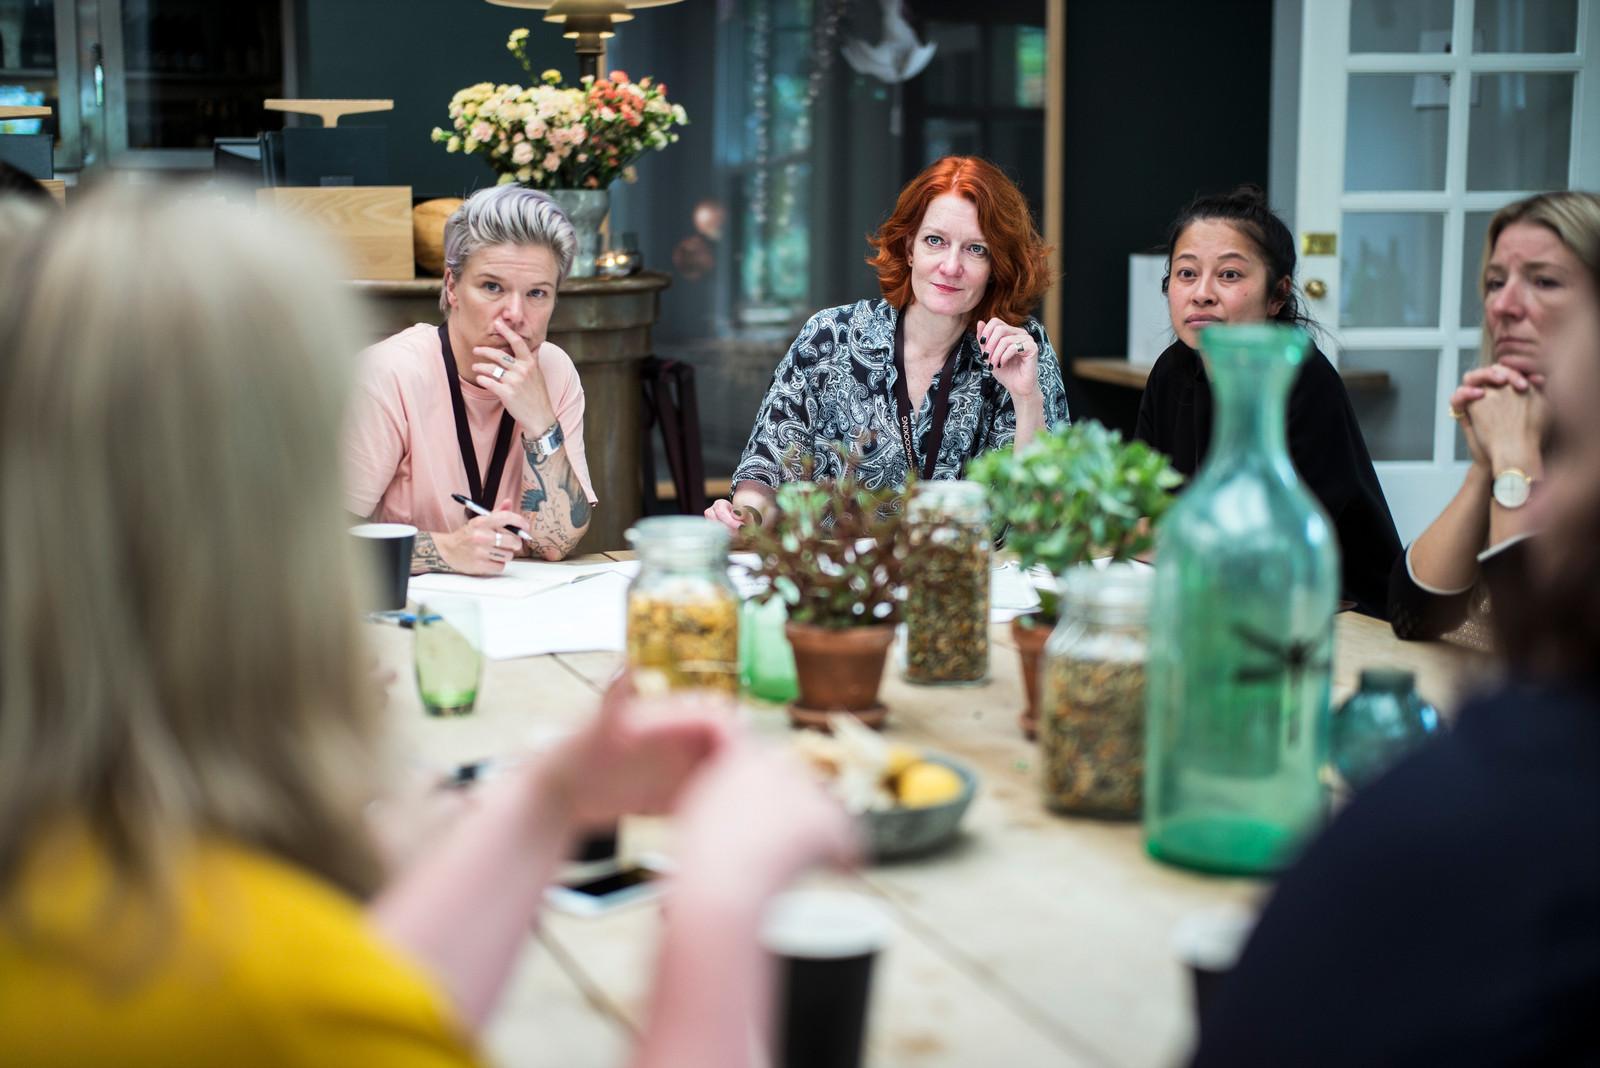 Foto: Rasmus Flindt Pedersen for  Freja Symposium , der er initieret af  FOOD  og arbejder for at fremme ligestilling i den nordiske hotel- og restaurantbranche.